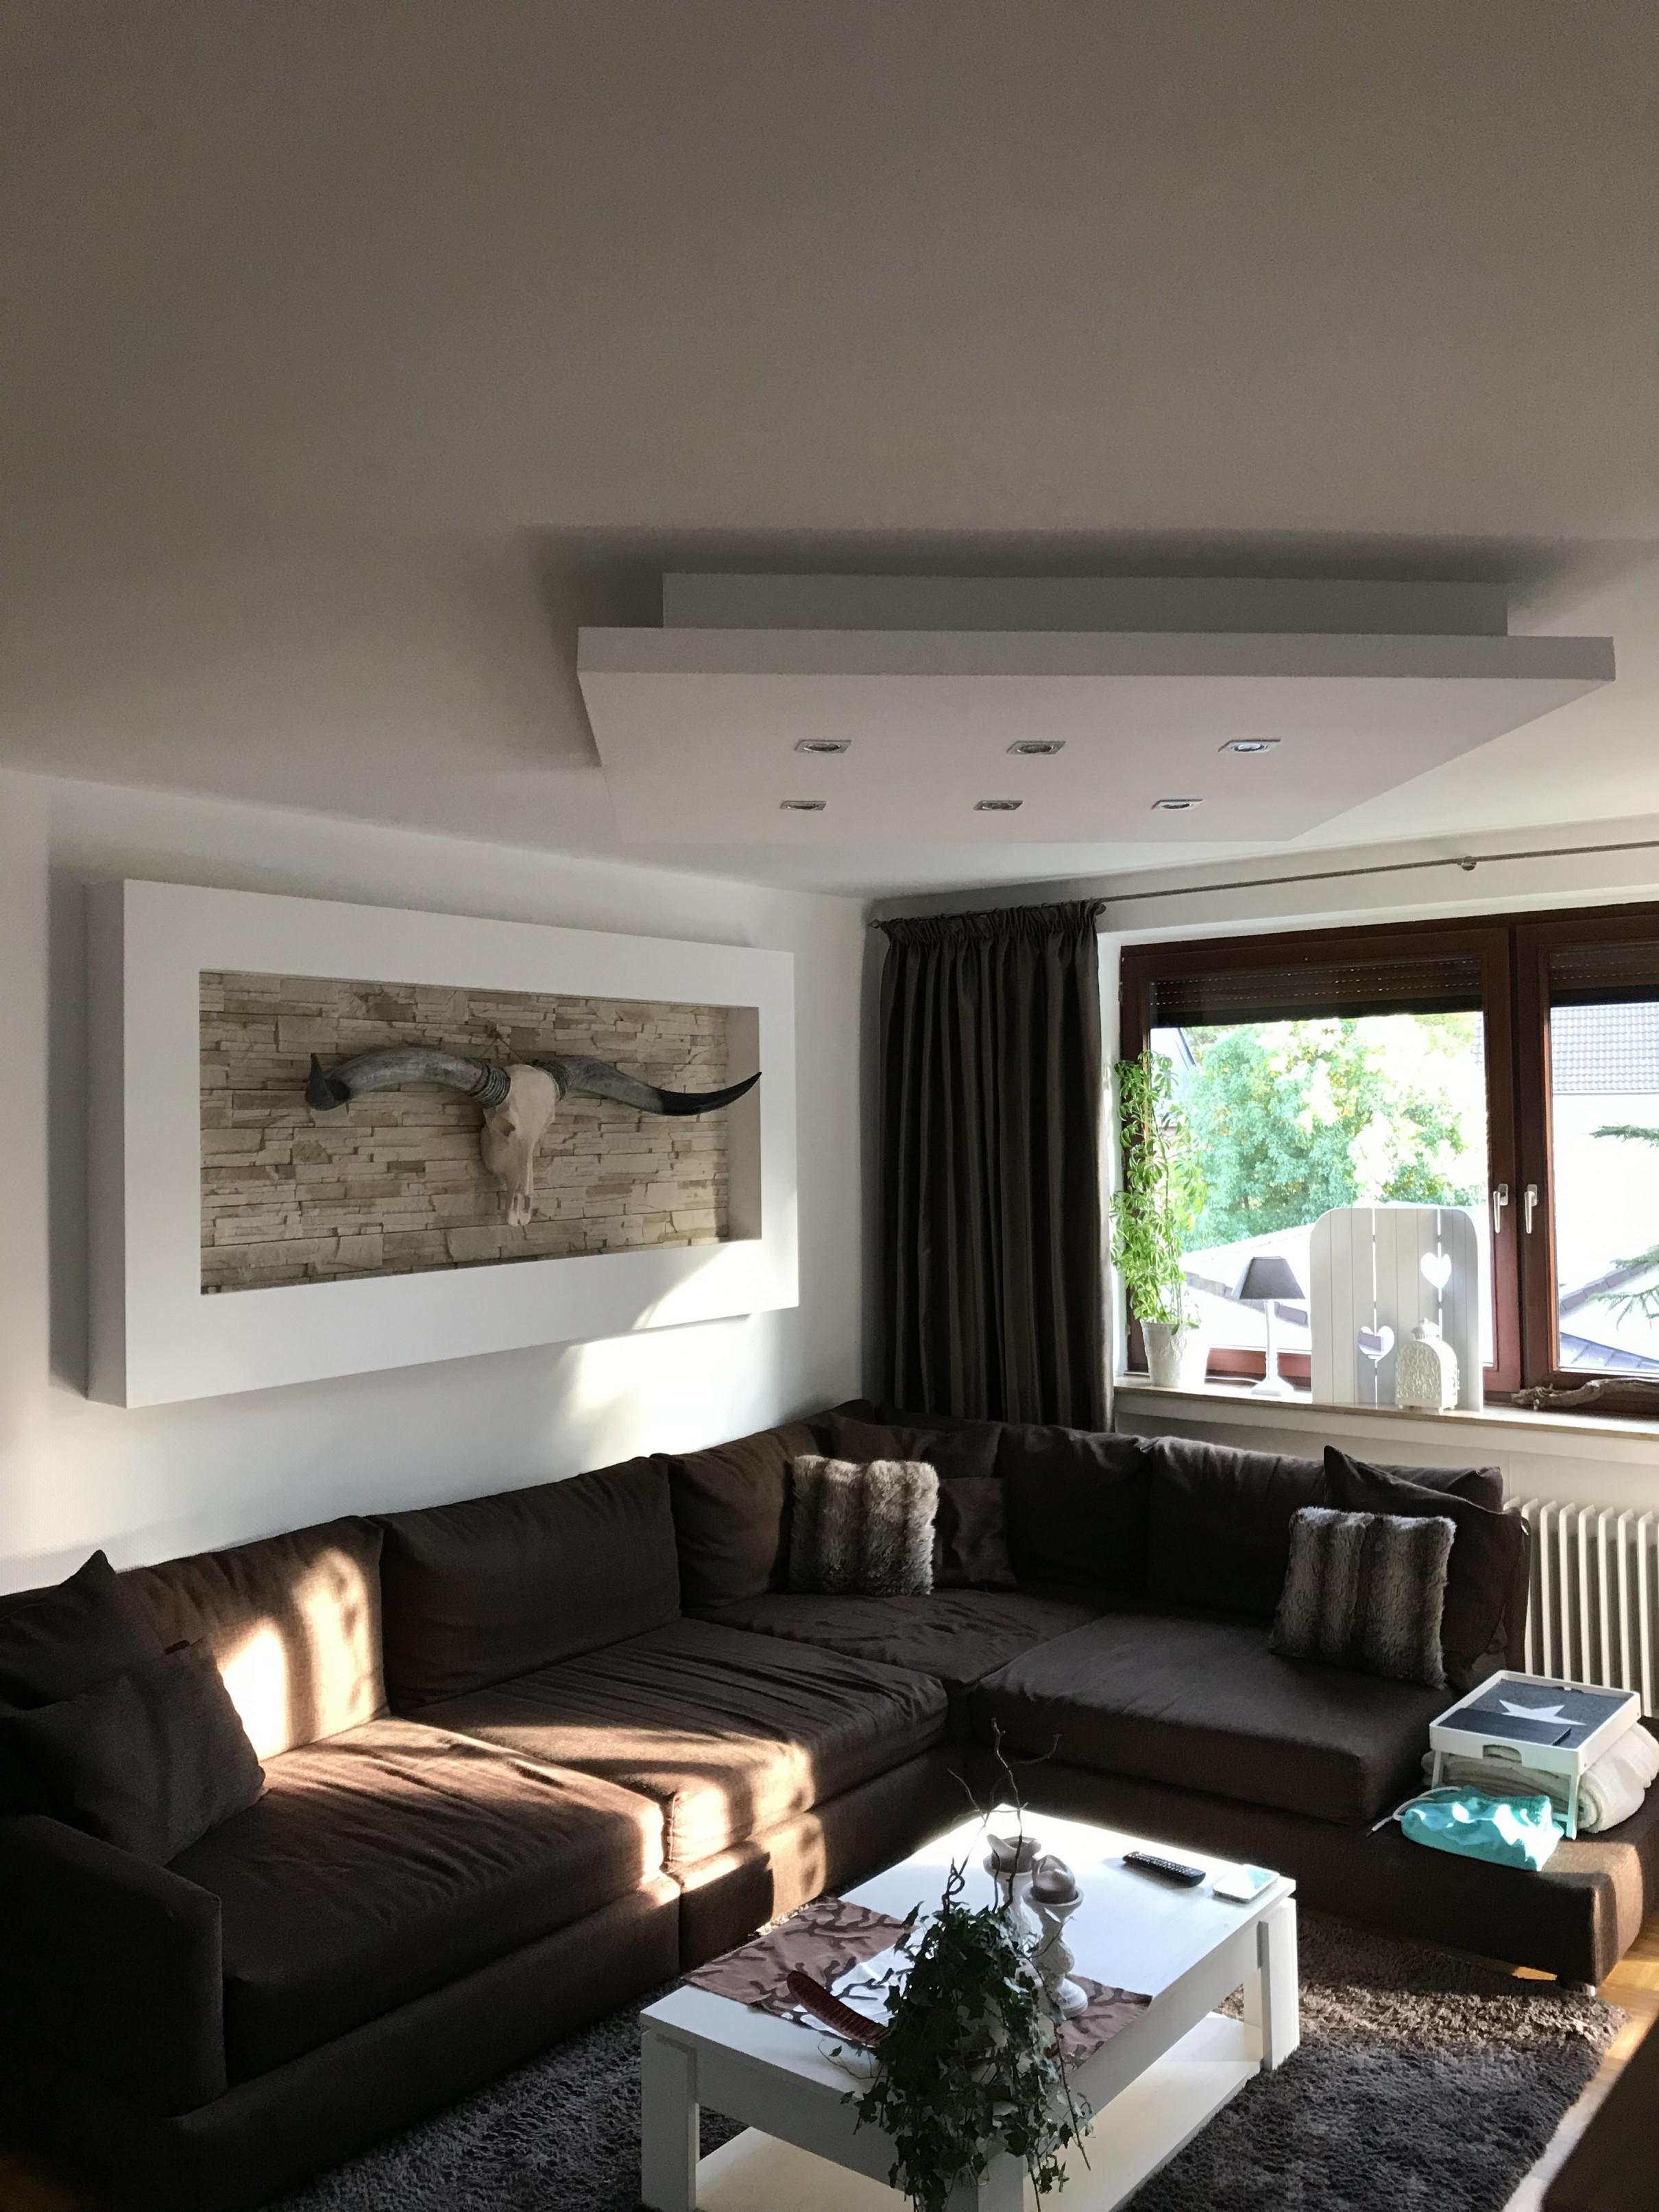 Trockenbaudeckenlampe Mit Direkter Und Indirekter von Deckenlampe Für Großes Wohnzimmer Bild